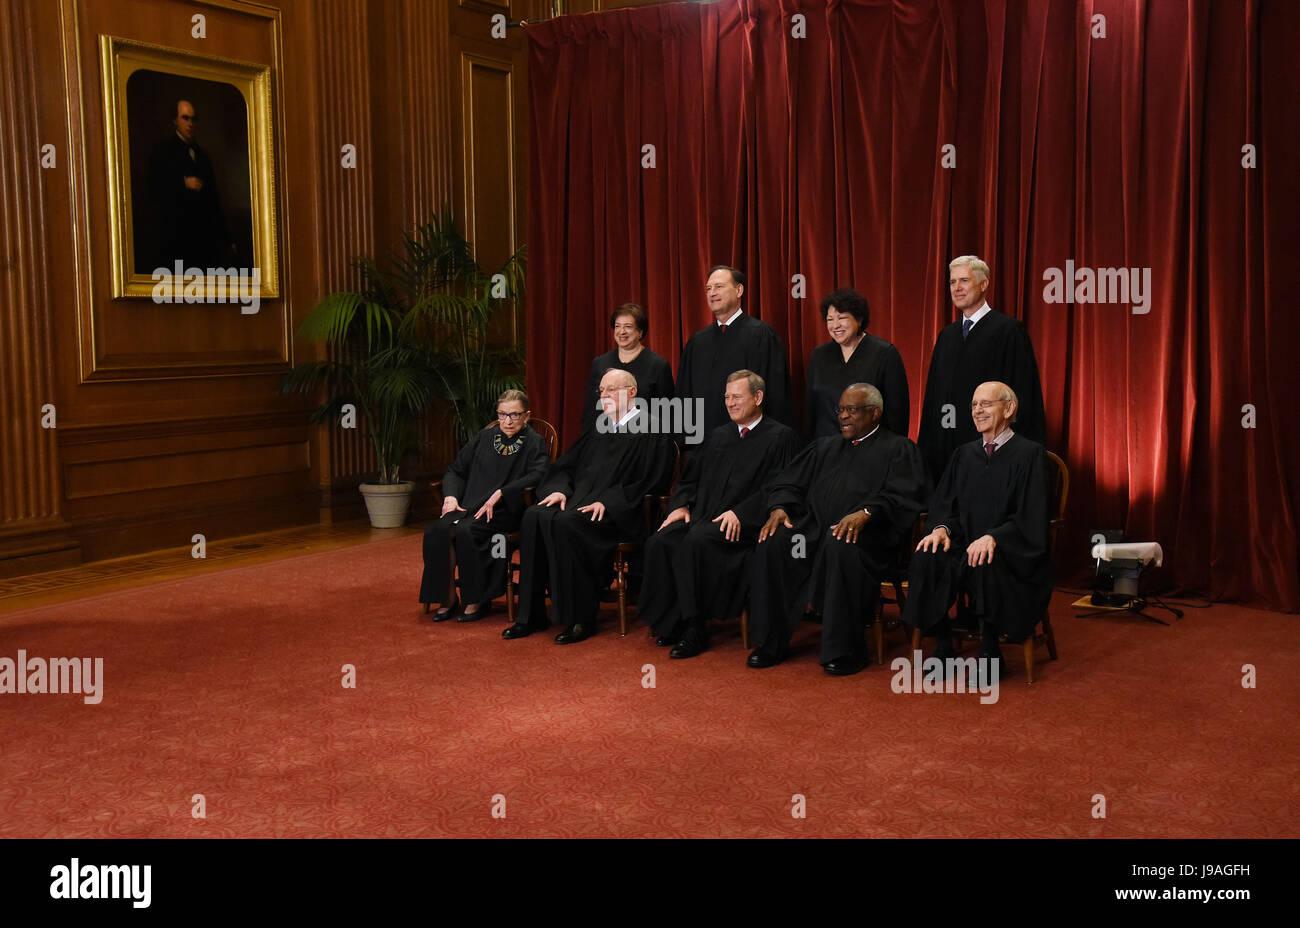 Les membres de la Cour suprême des États-Unis posent pour une photo de groupe à l'édifice Photo Stock